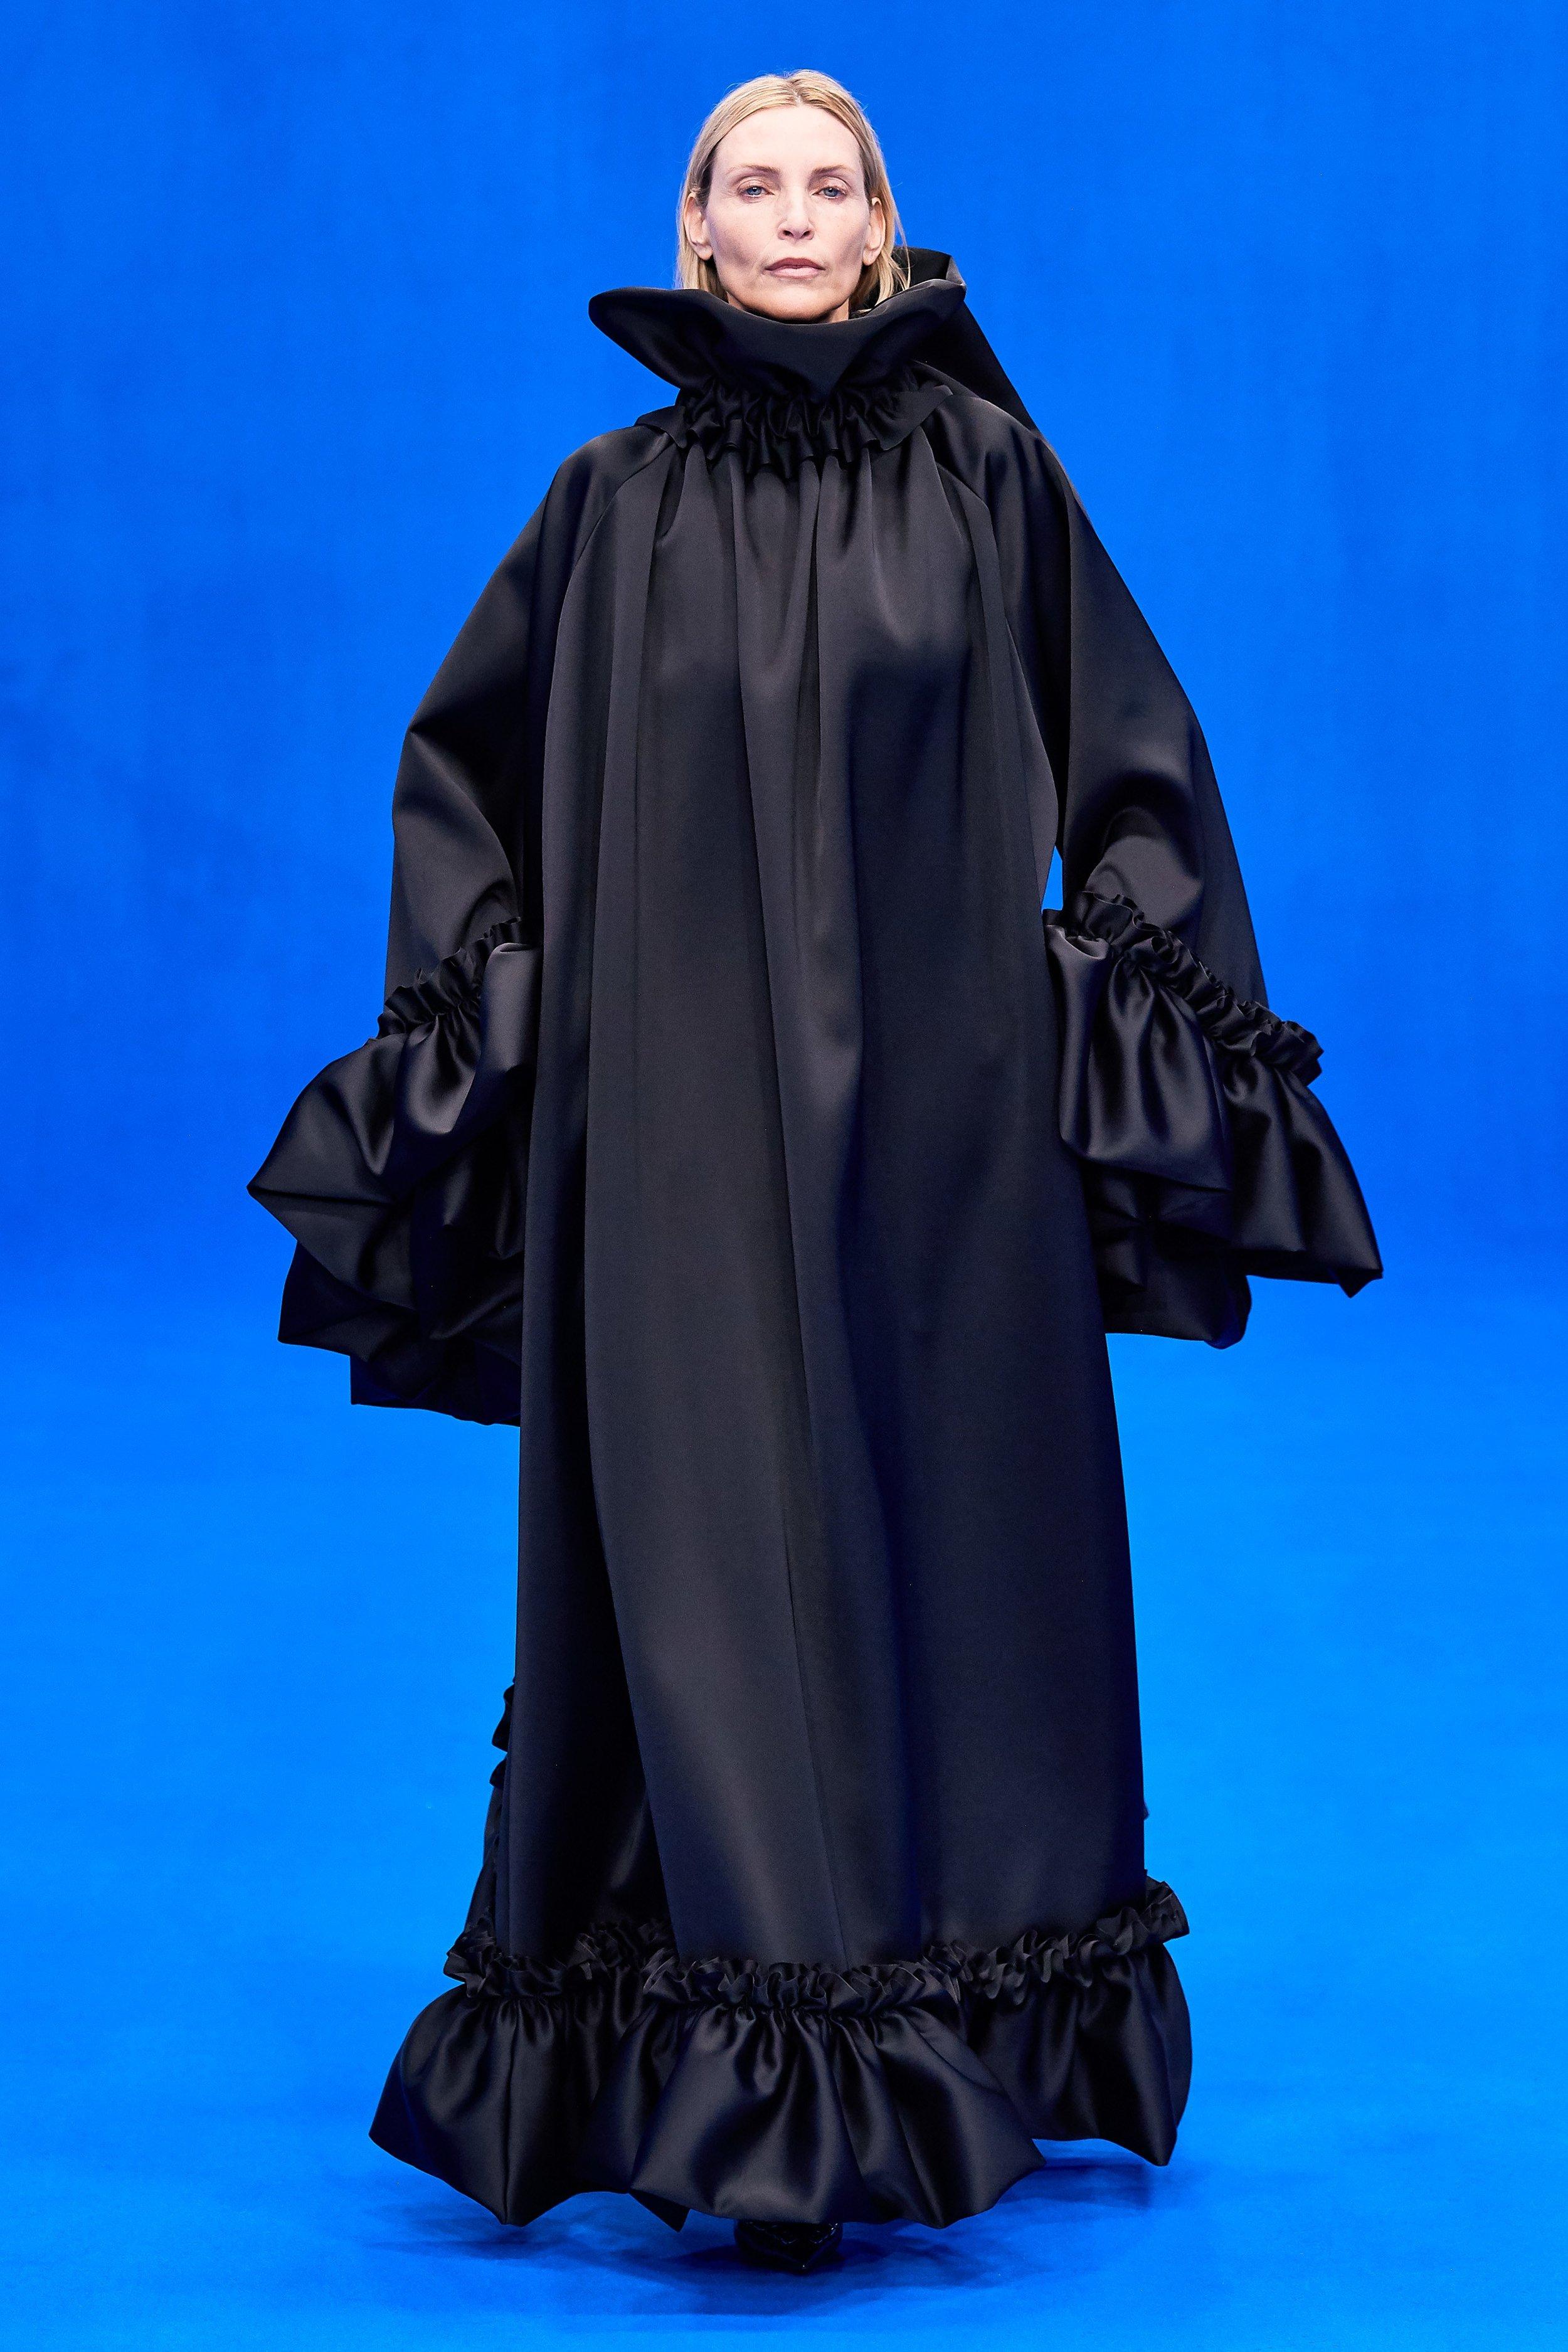 Musa!!! - Nadja Auermann, modelo incrível, figurinha fácil na passarela da Mugler na virada dos anos 1980 para os 1990. Belíssima!